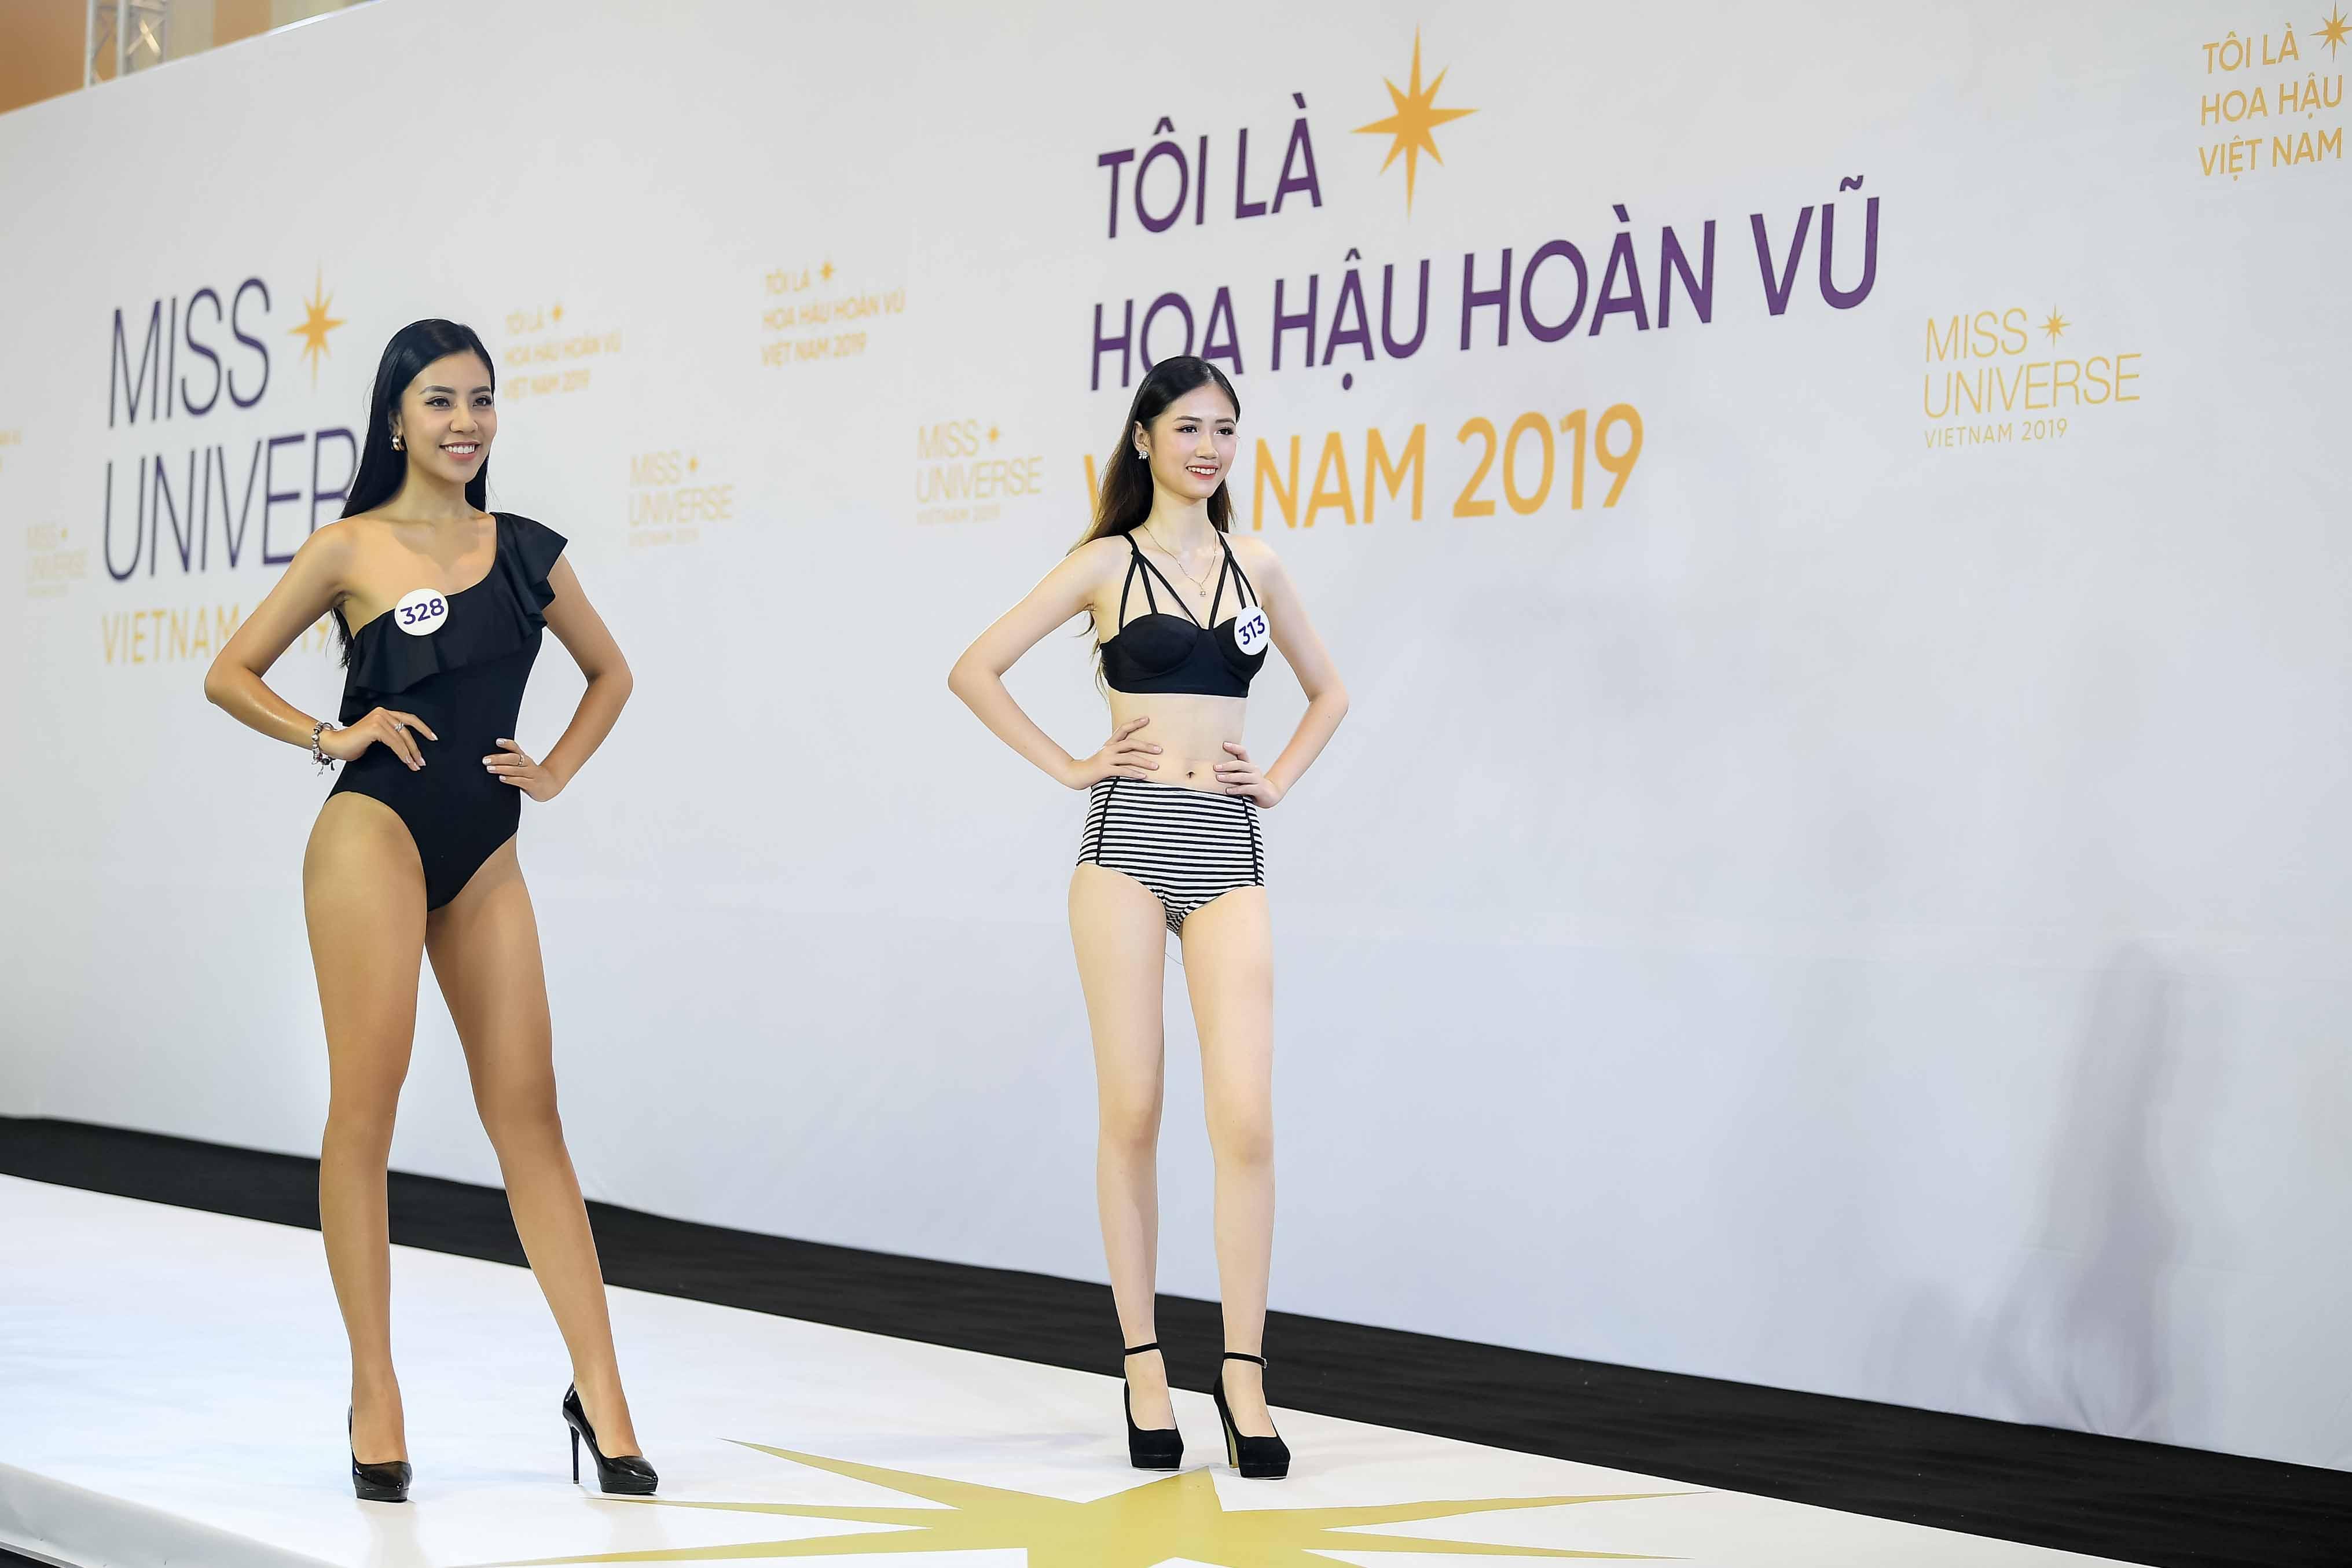 Phan thi trinh dien bikini (3)